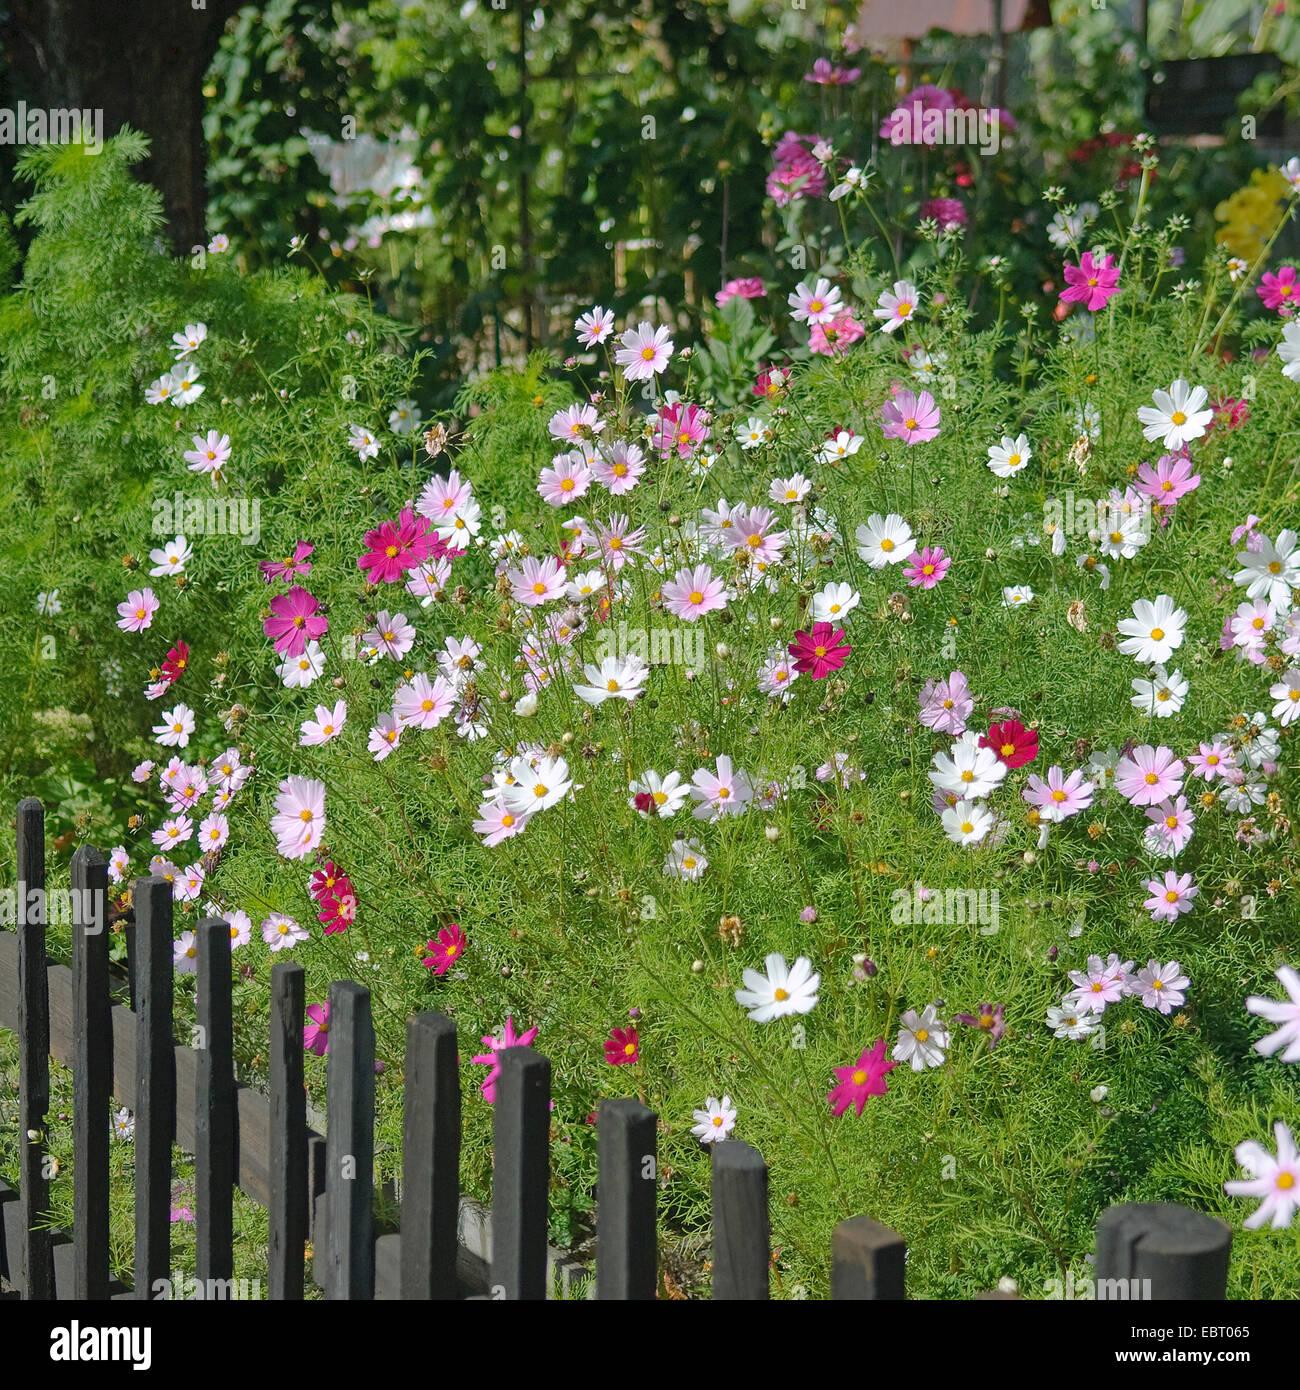 garden cosmos, Mexican aster (Cosmos bipinnatus), blooming in a garden - Stock Image